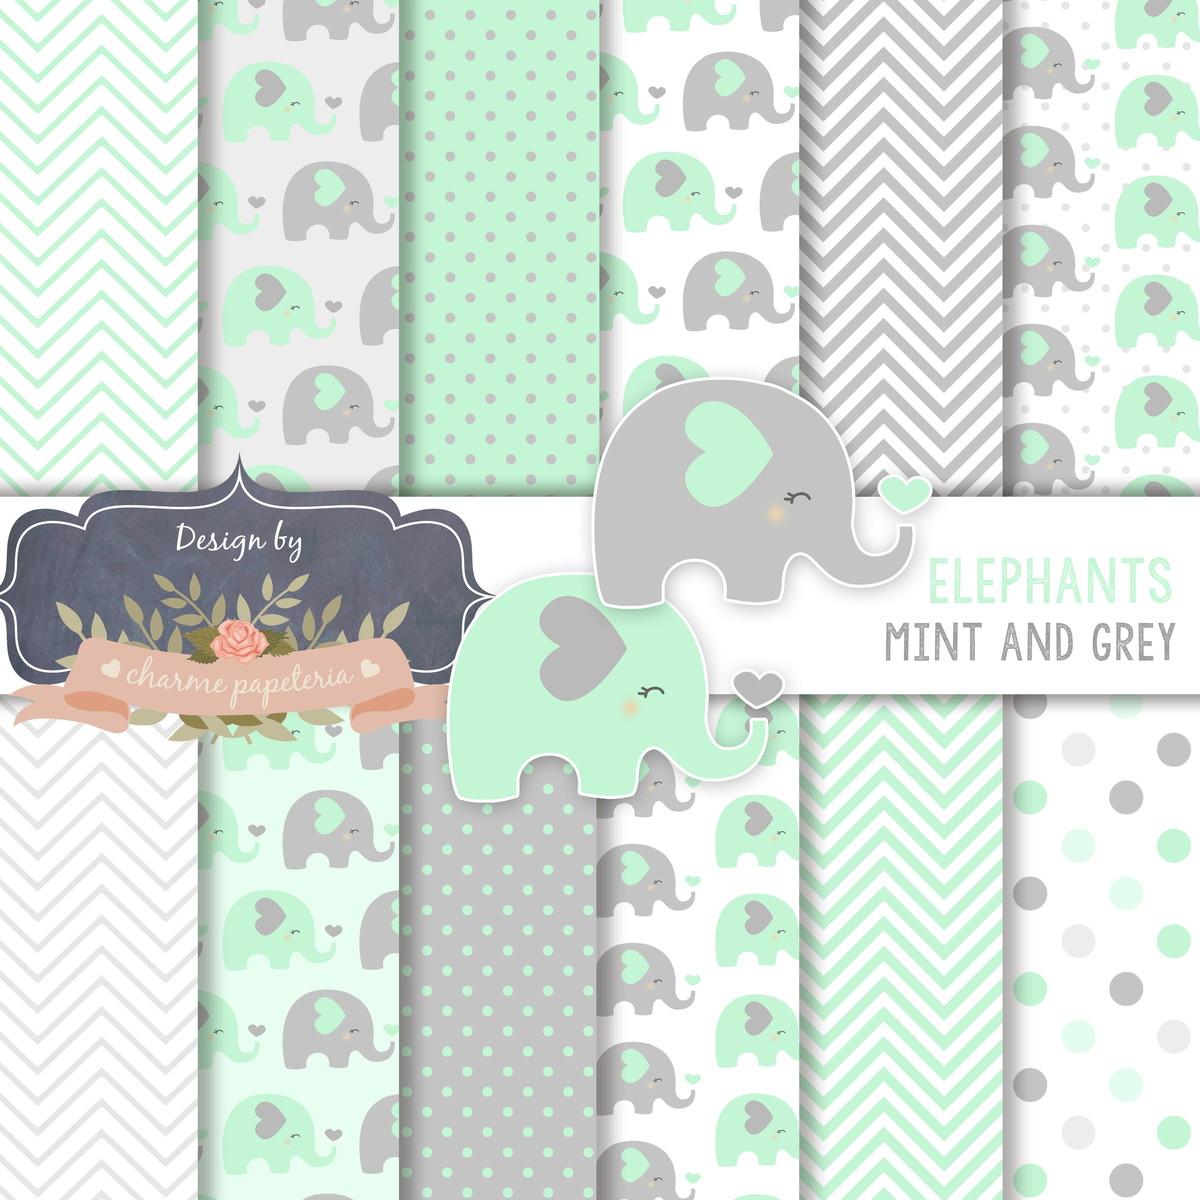 papel digital elefante cinza e verde elefantinho menta e